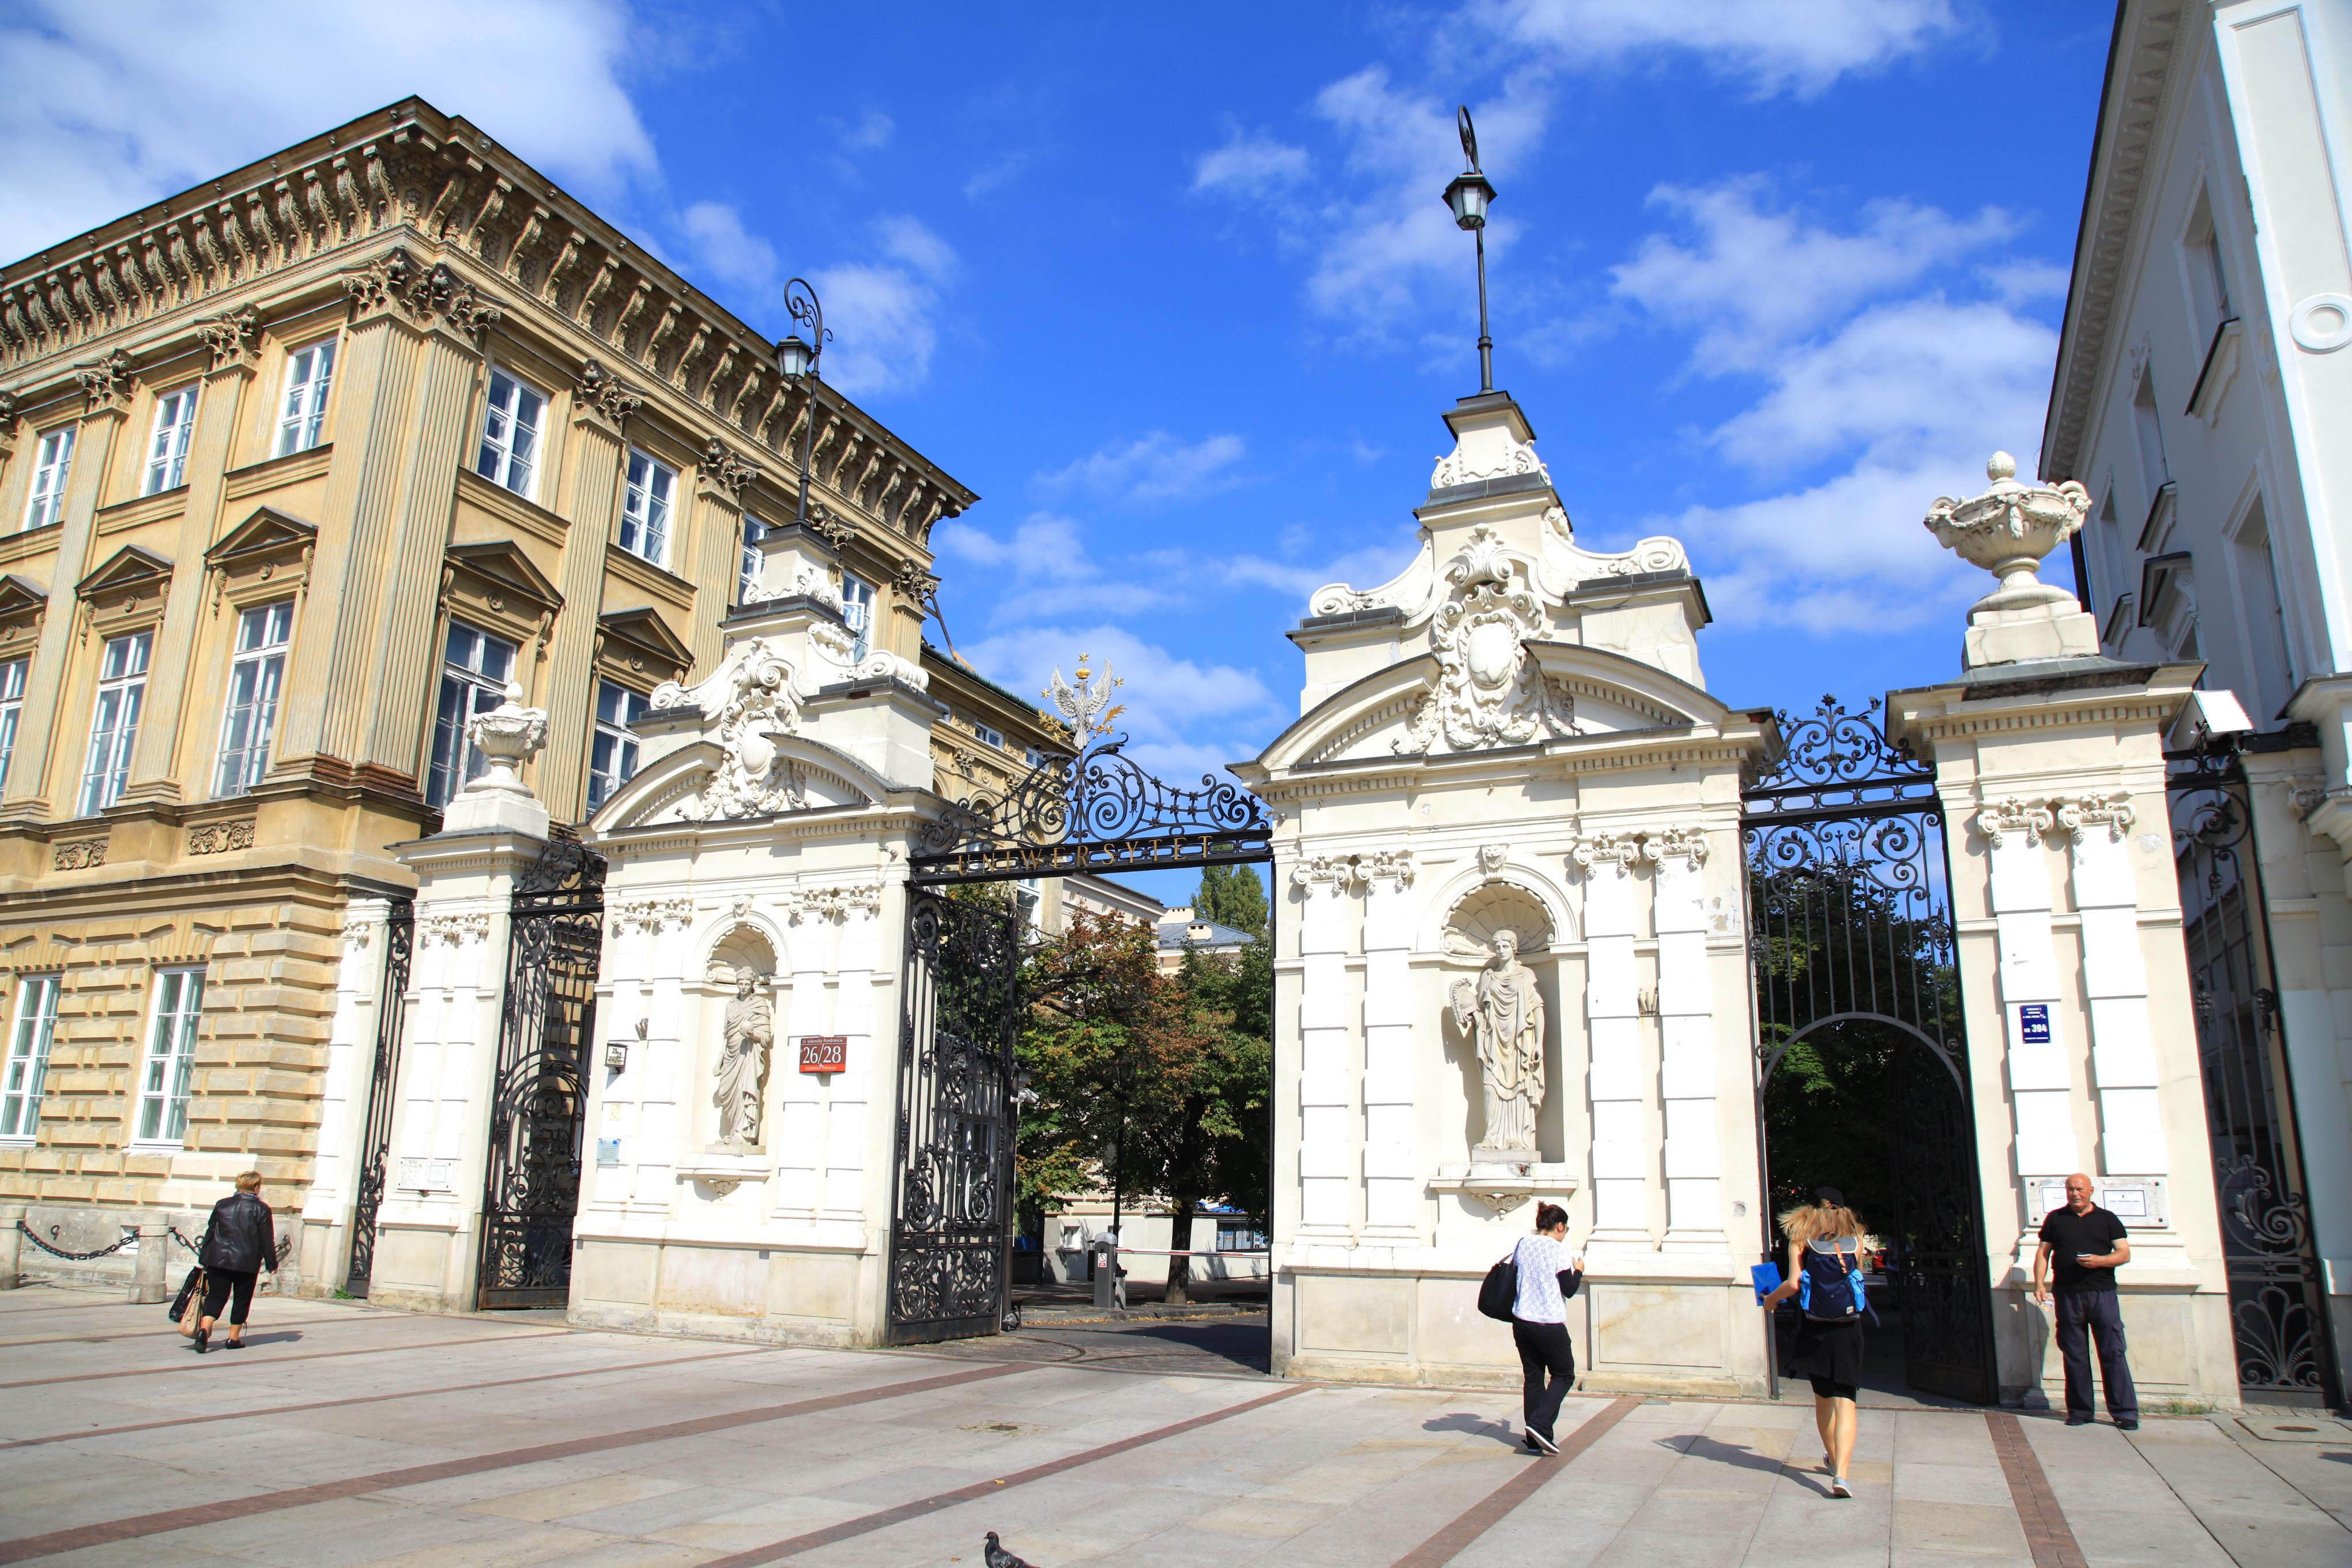 大学�ycj�i!9m�y/g9�.���_东欧十大qs榜上有名大学,波兰占了2个